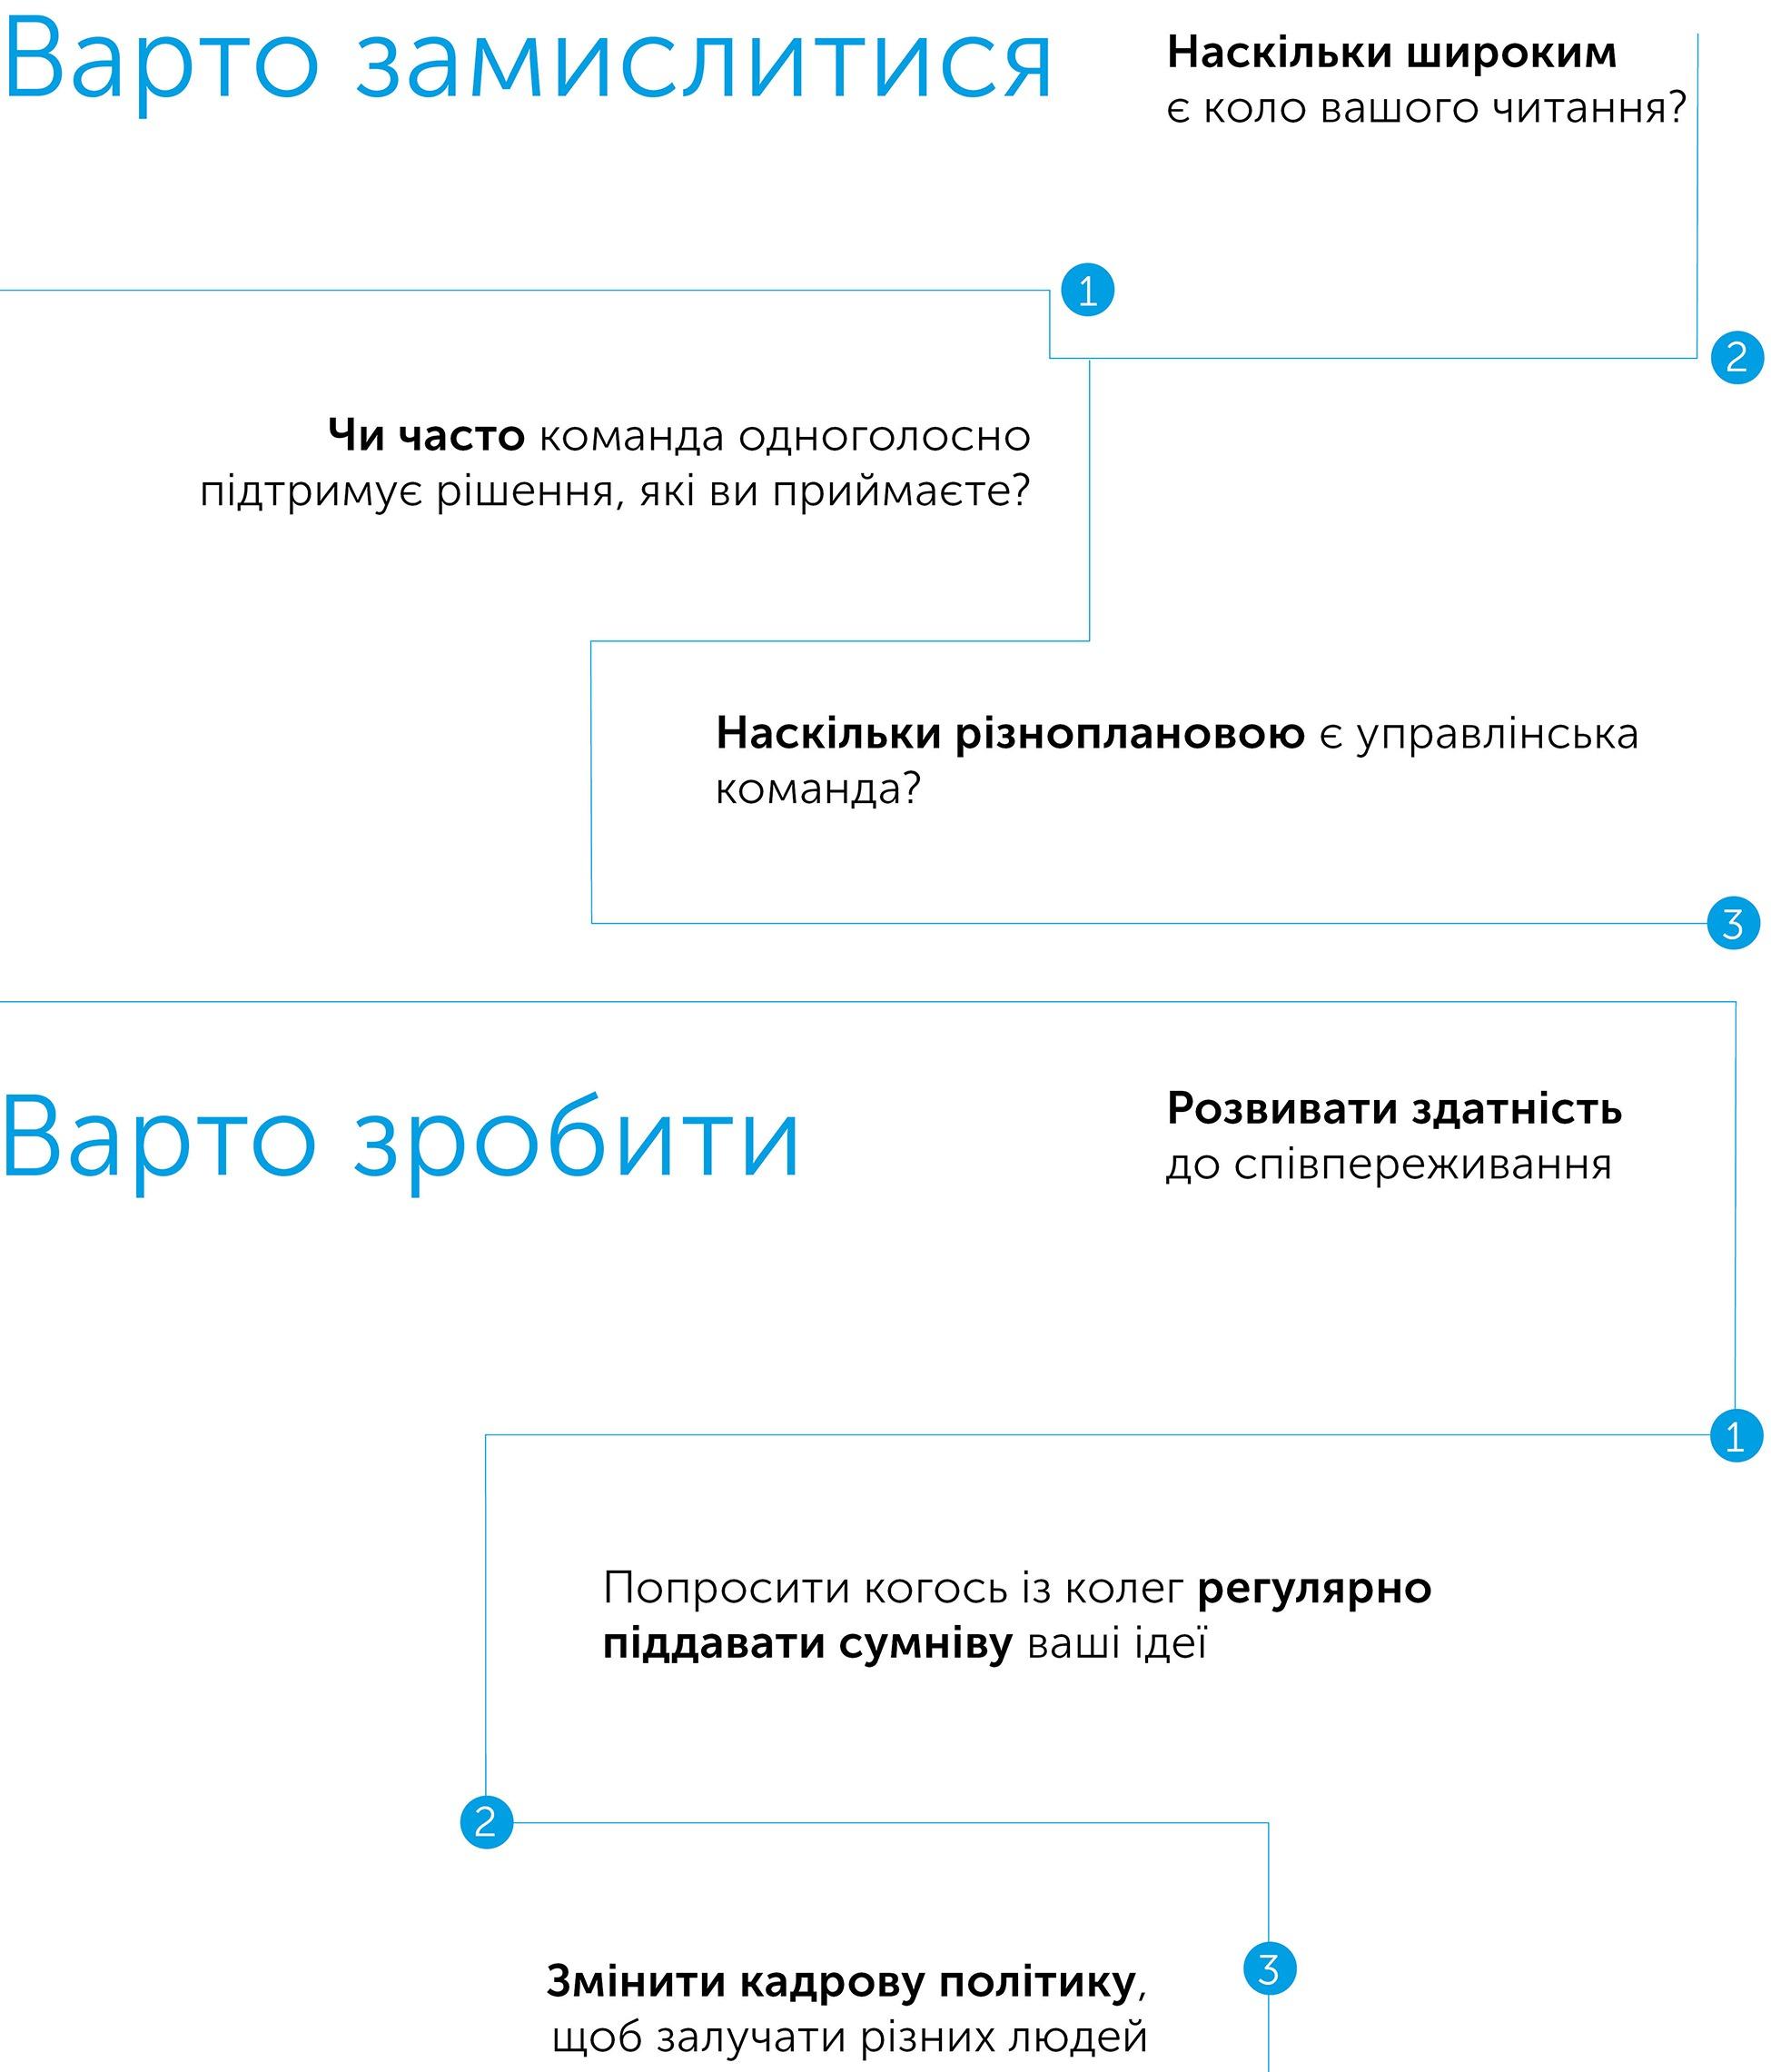 Найкраще в нас. Чому насильства стає менше, автор Стівен Пінкер   Kyivstar Business Hub, зображення №4